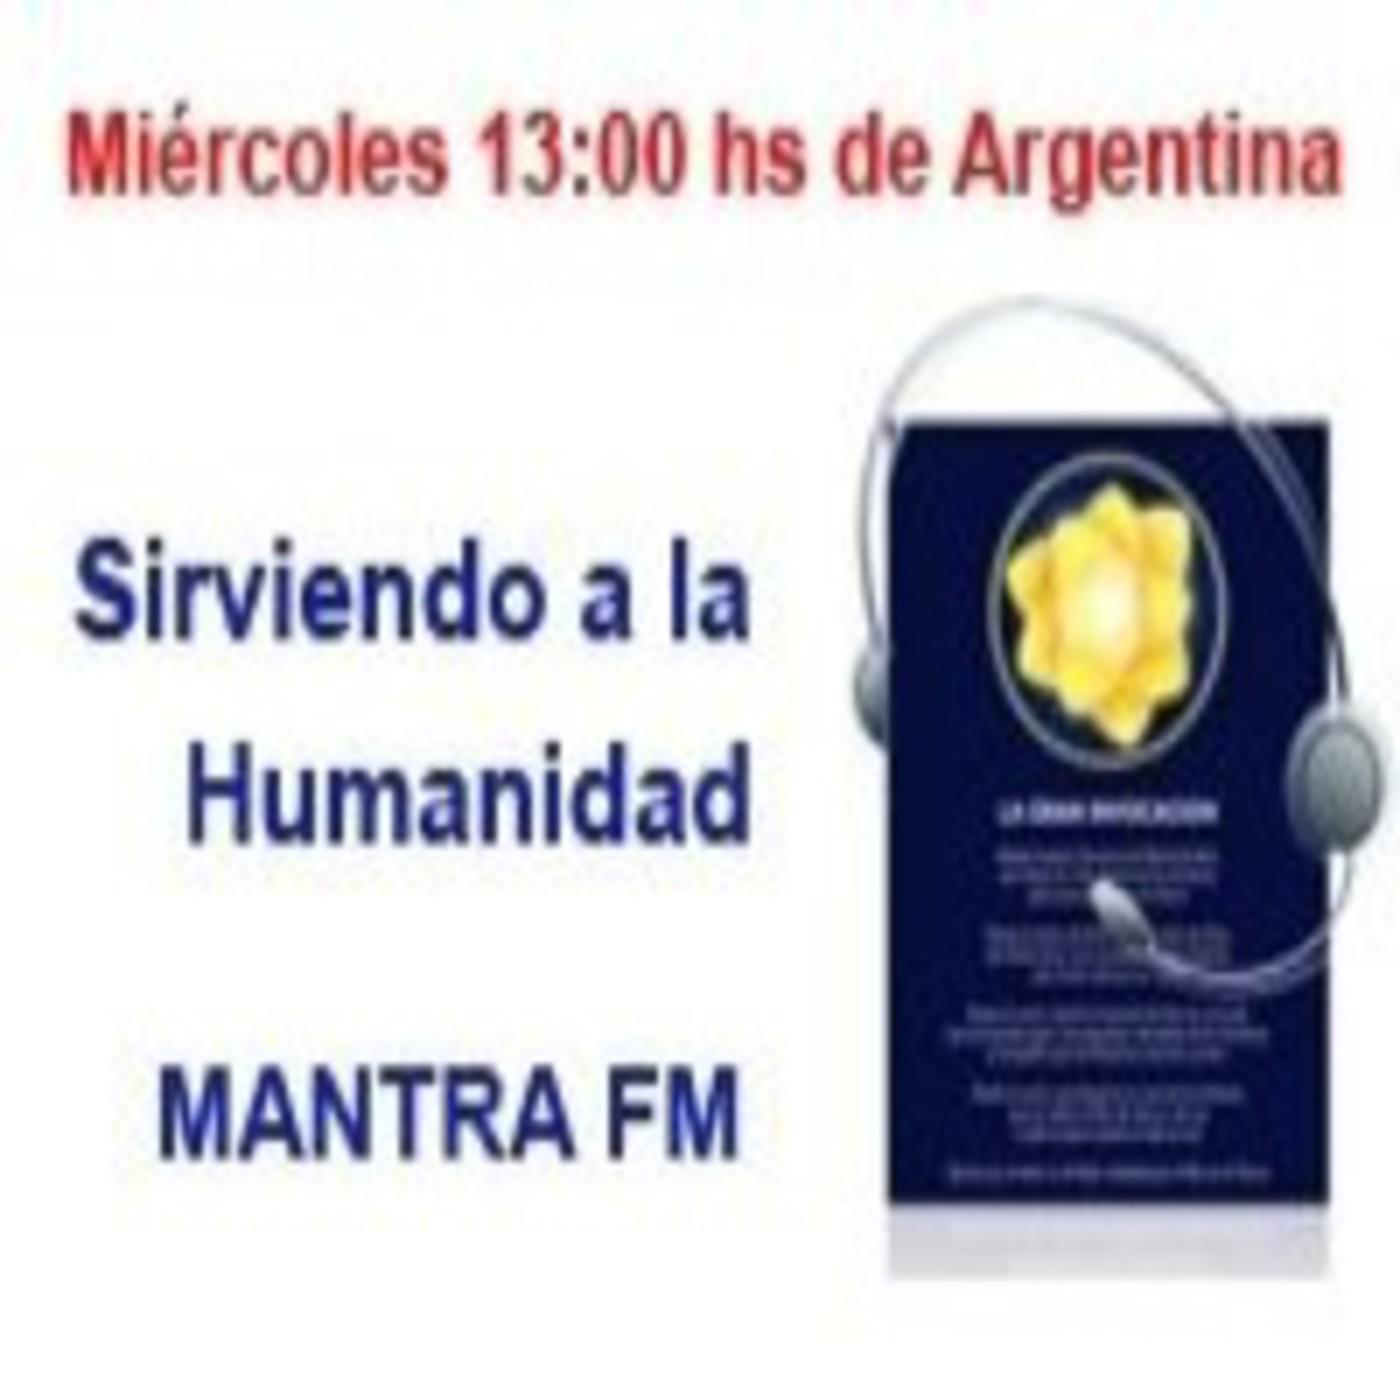 Programa Sirviendo a la Humanidad 24-11-2010